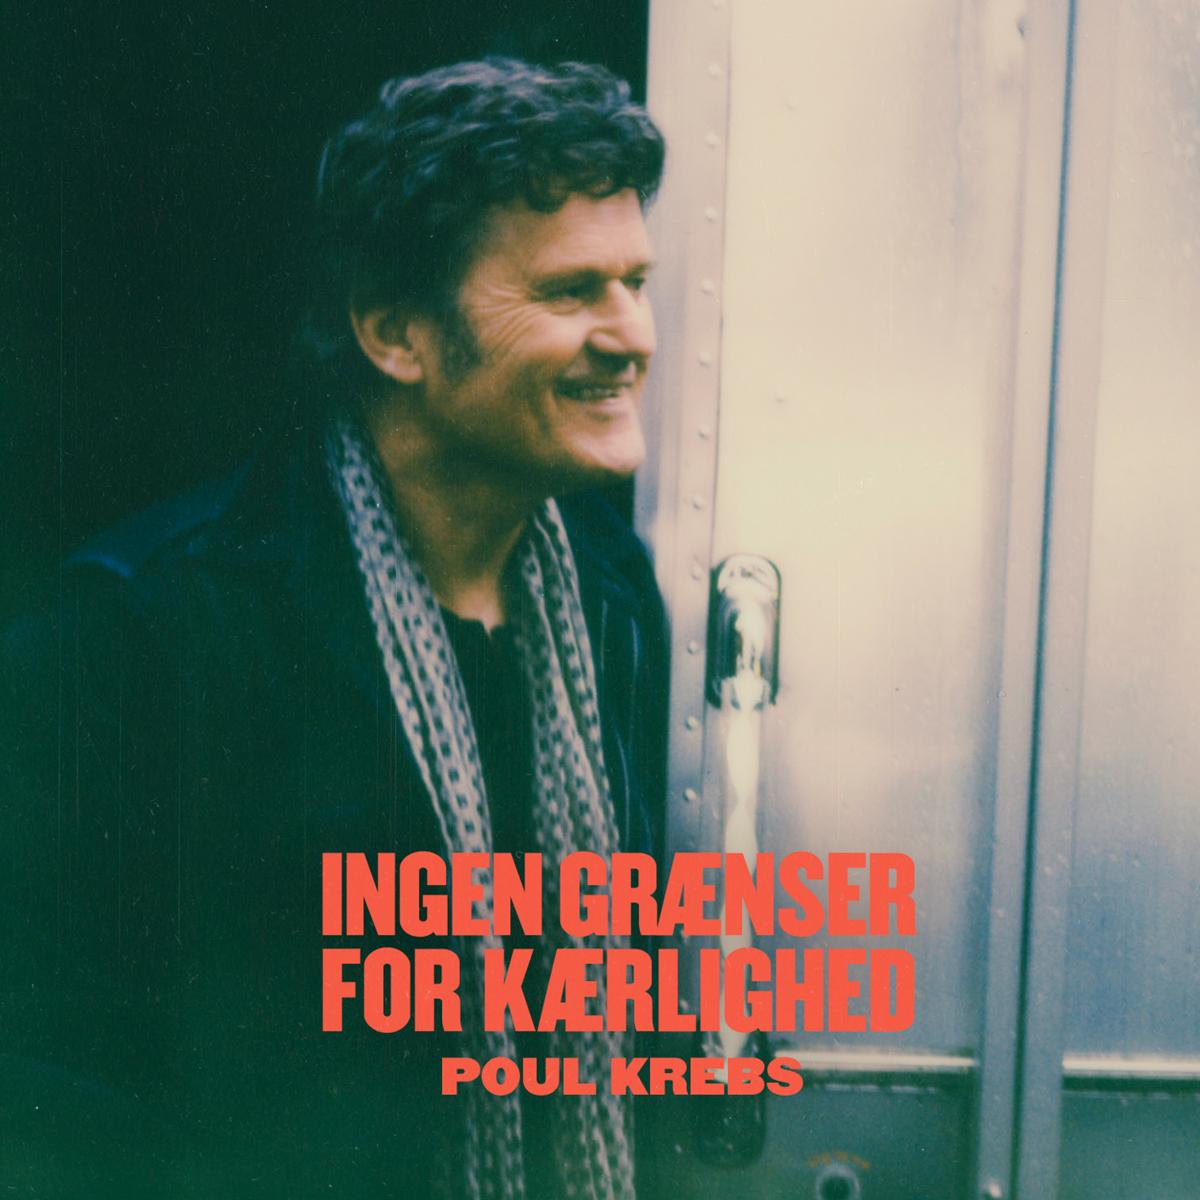 Ingen Grænser For Kærlighed - Poul Krebs - Musik -  - 0602508741470 - 28. februar 2020